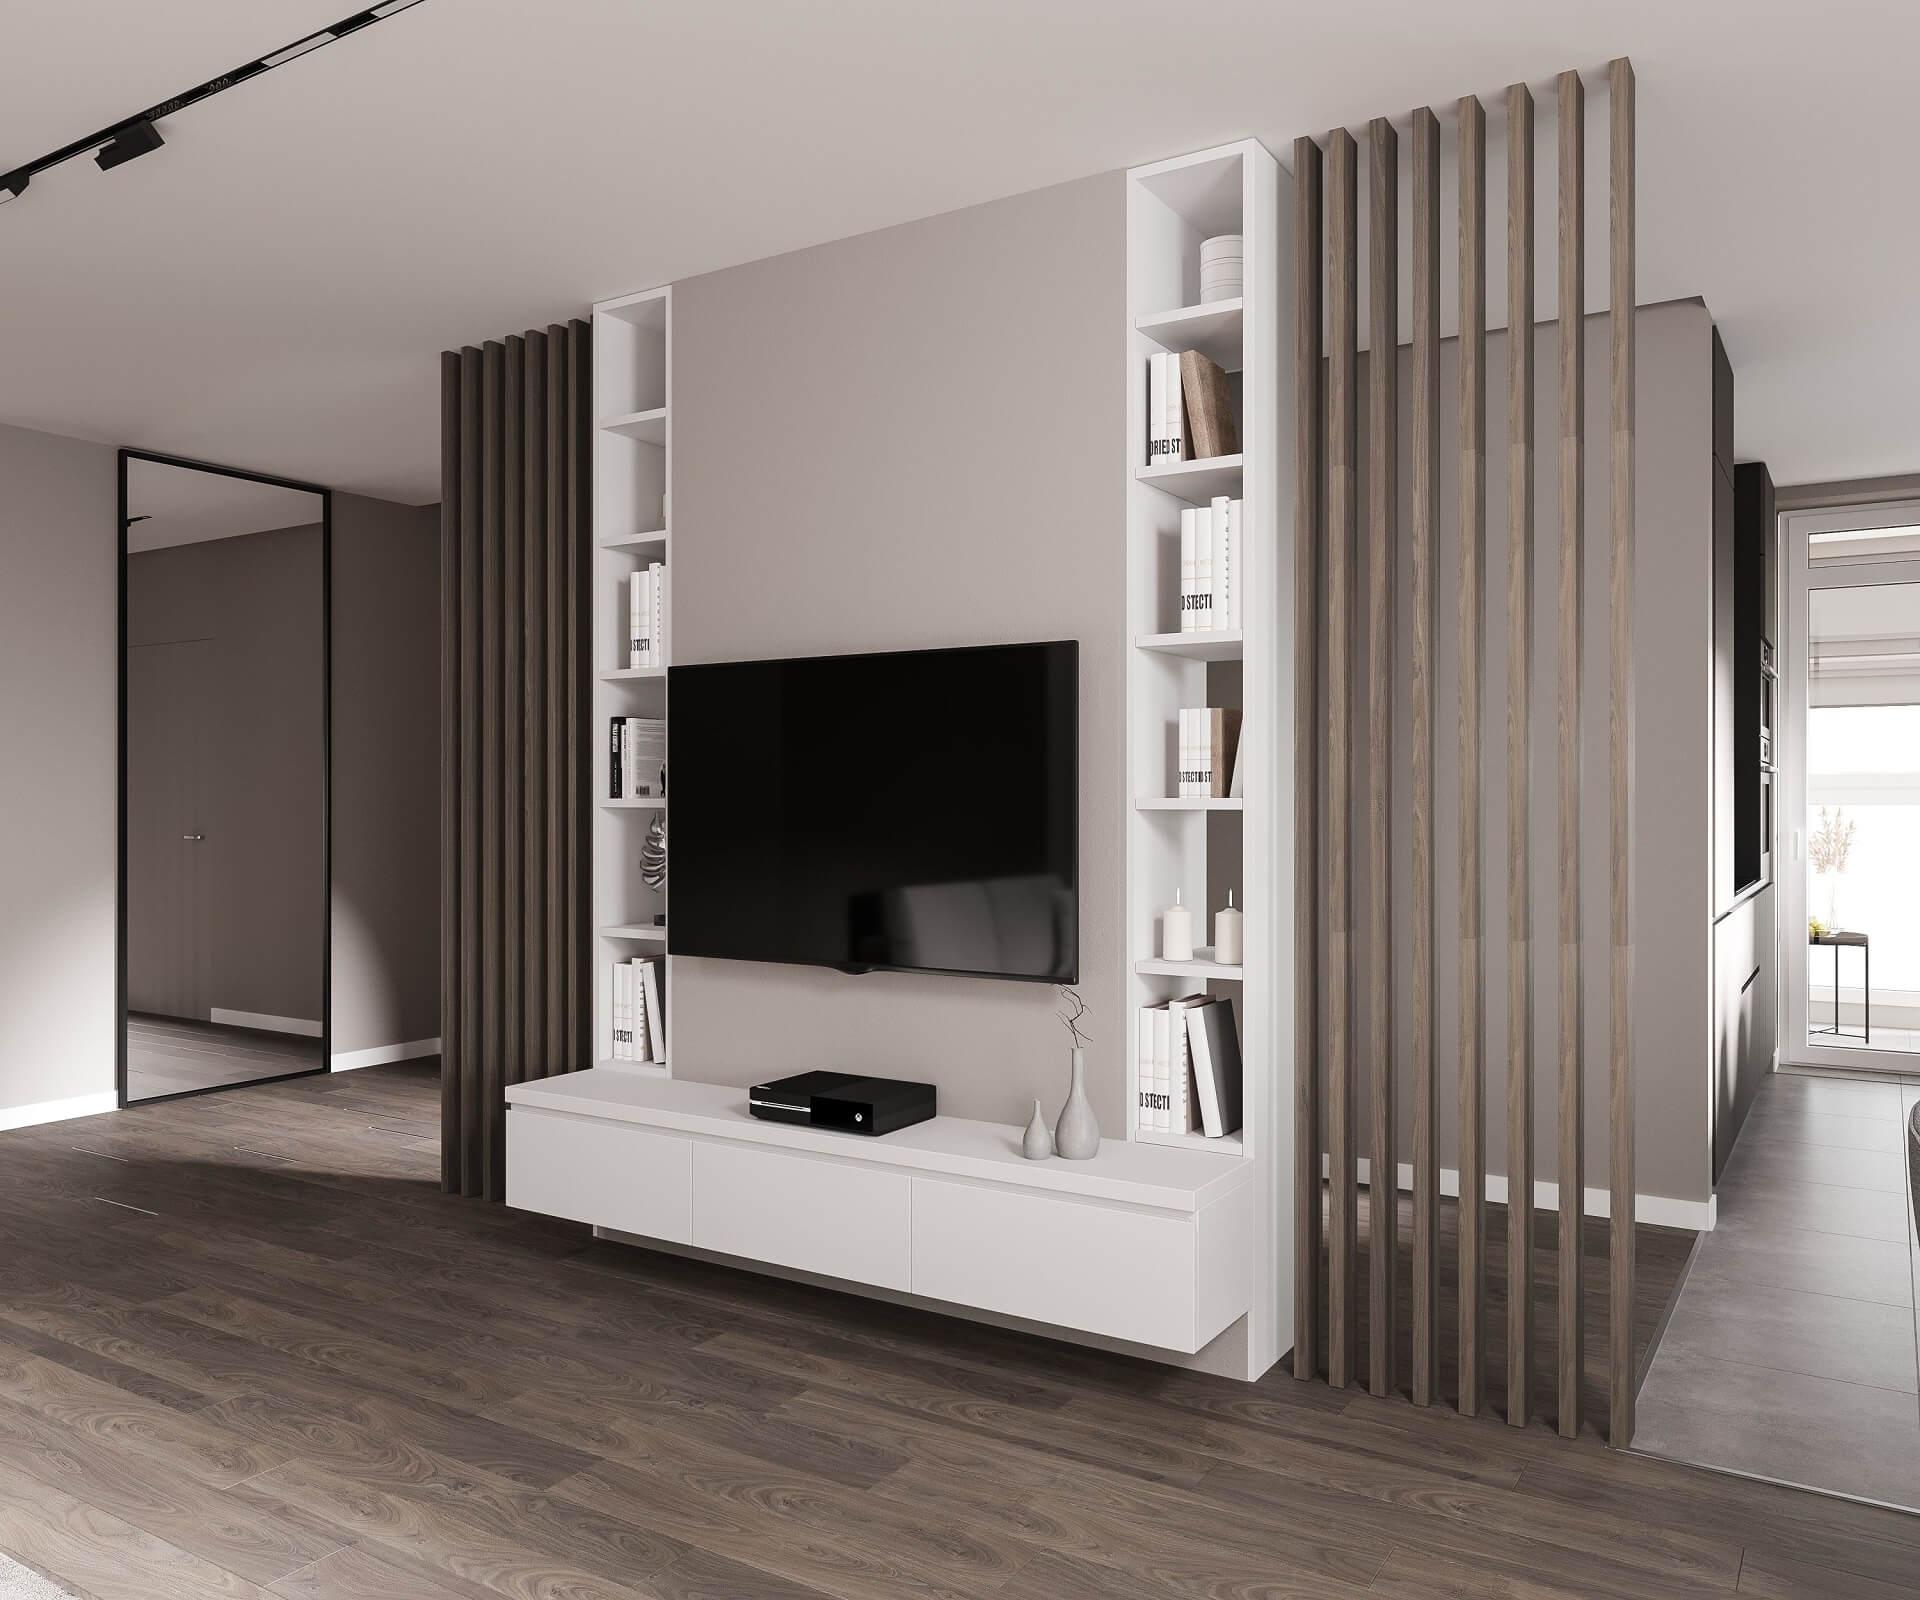 Дизайн кухни-гостиной. ТВ-зона. Вид 3.